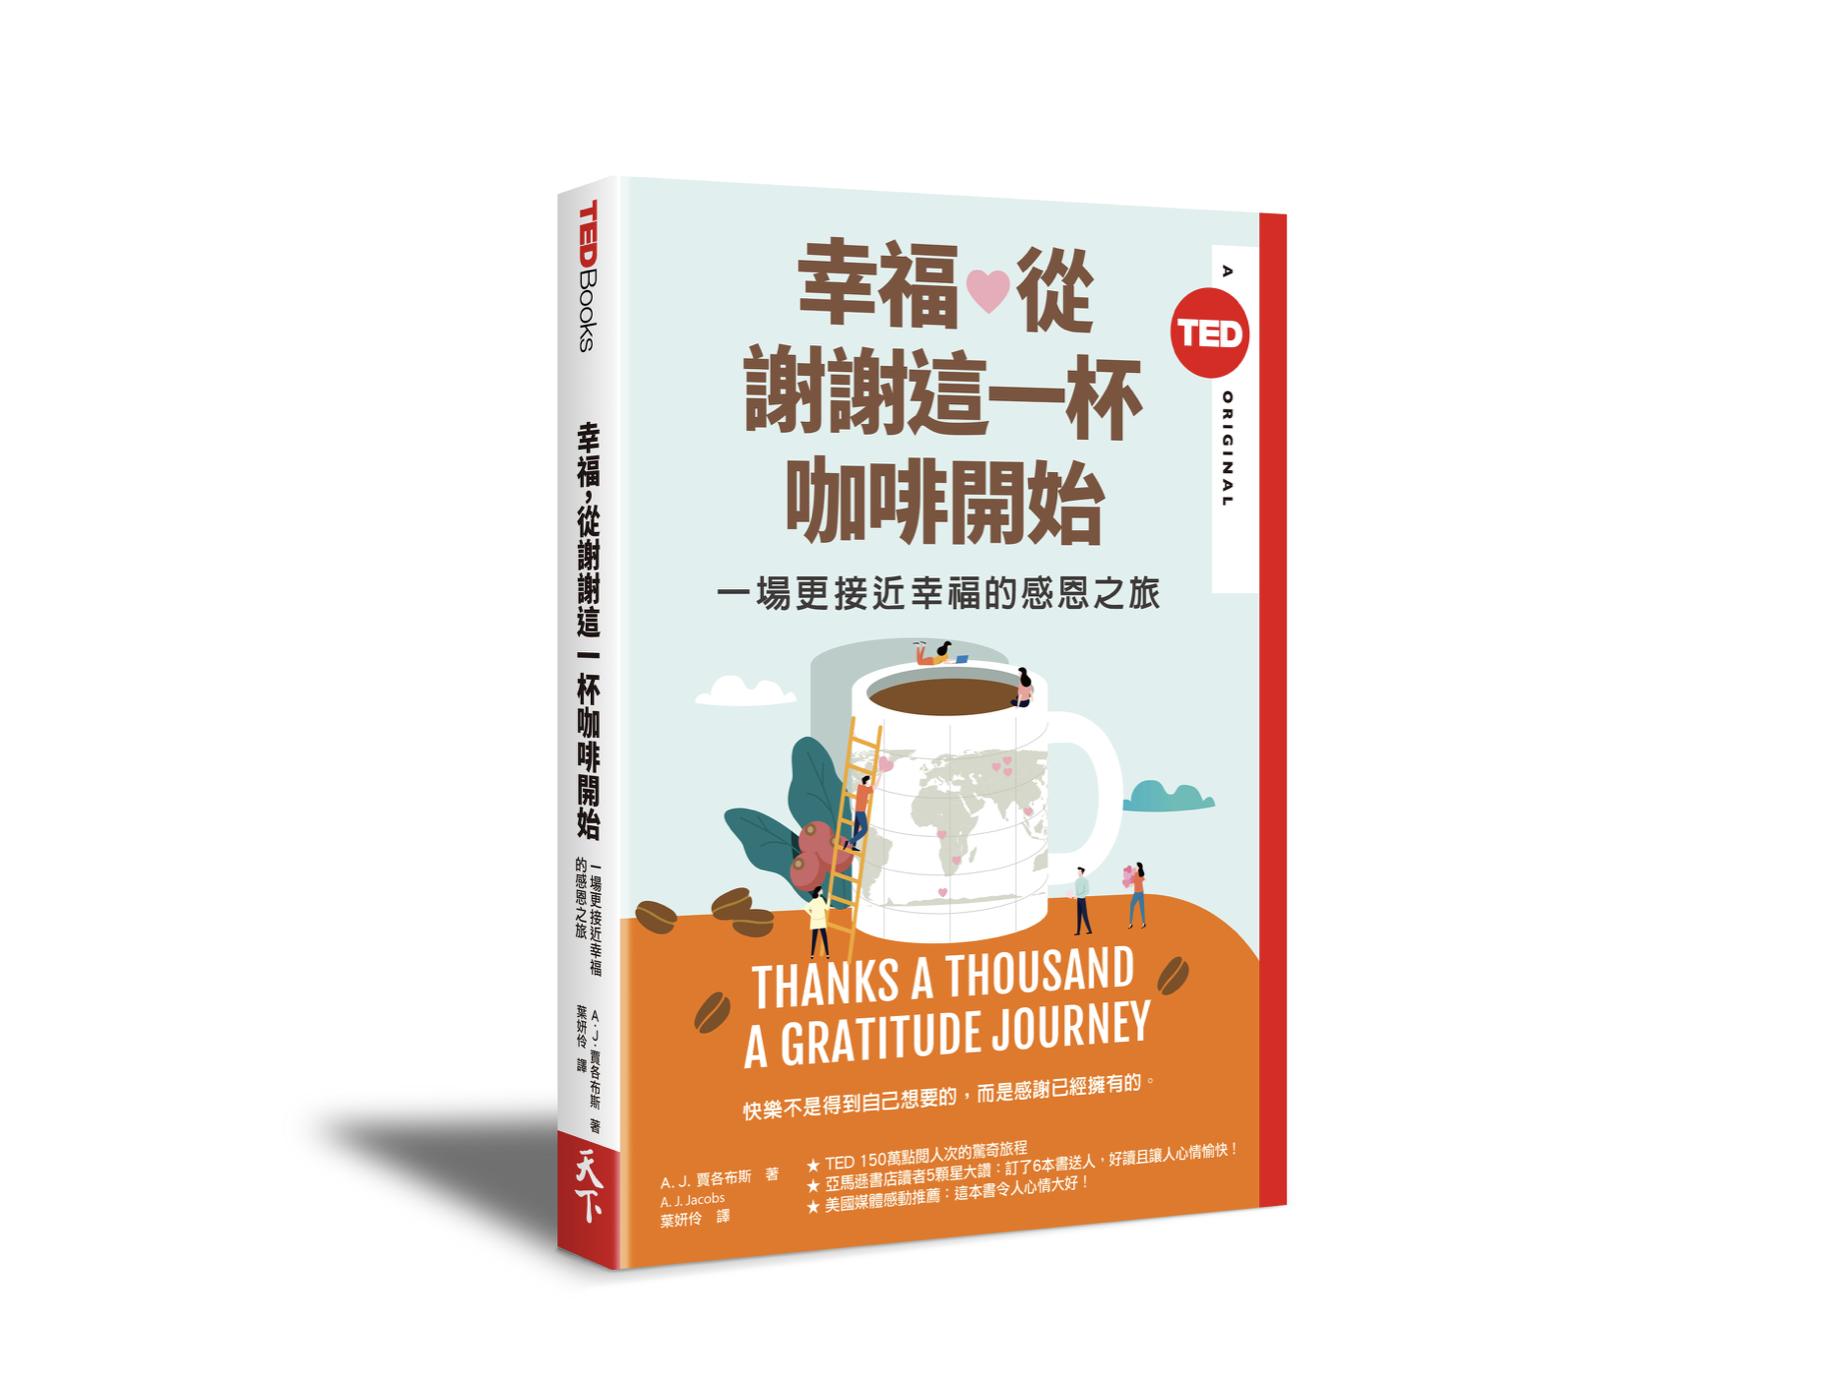 新書搶先看》感恩挑戰,最簡單的生活小事都能讓你快樂